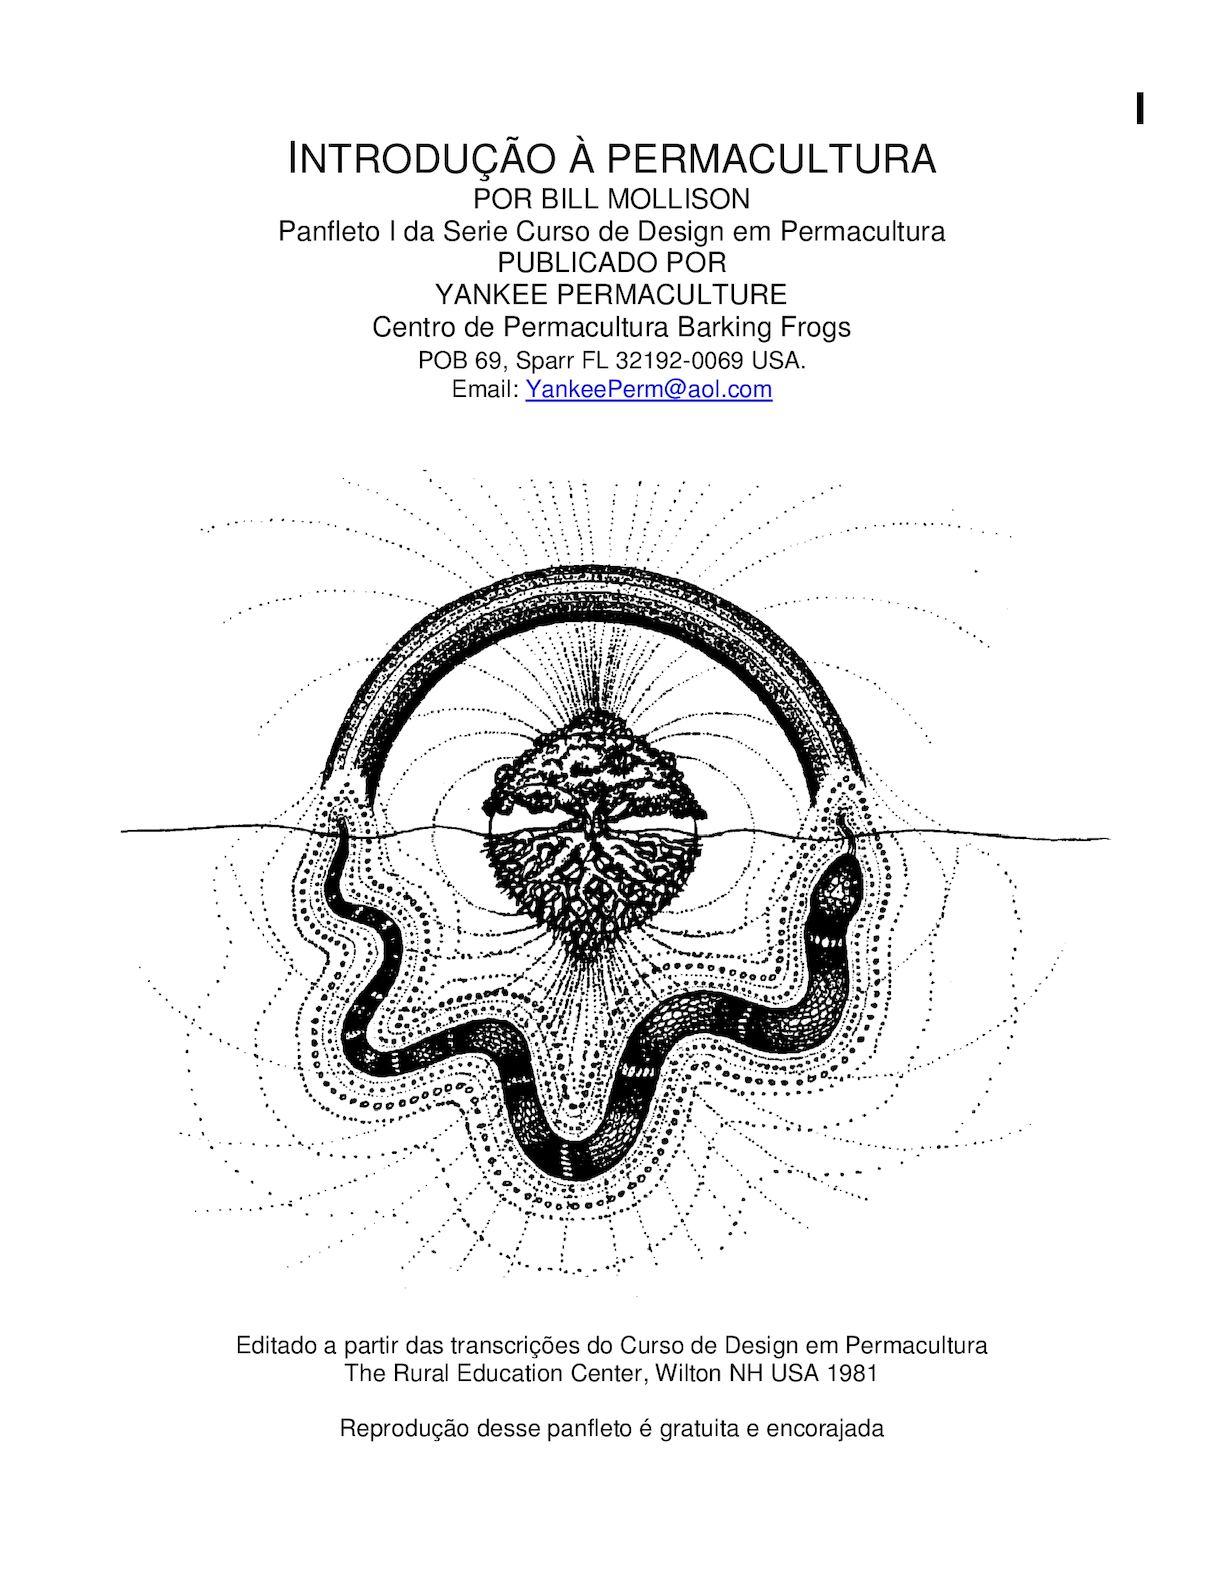 Calaméo - Introdução a permacultura 3ddb6553bf